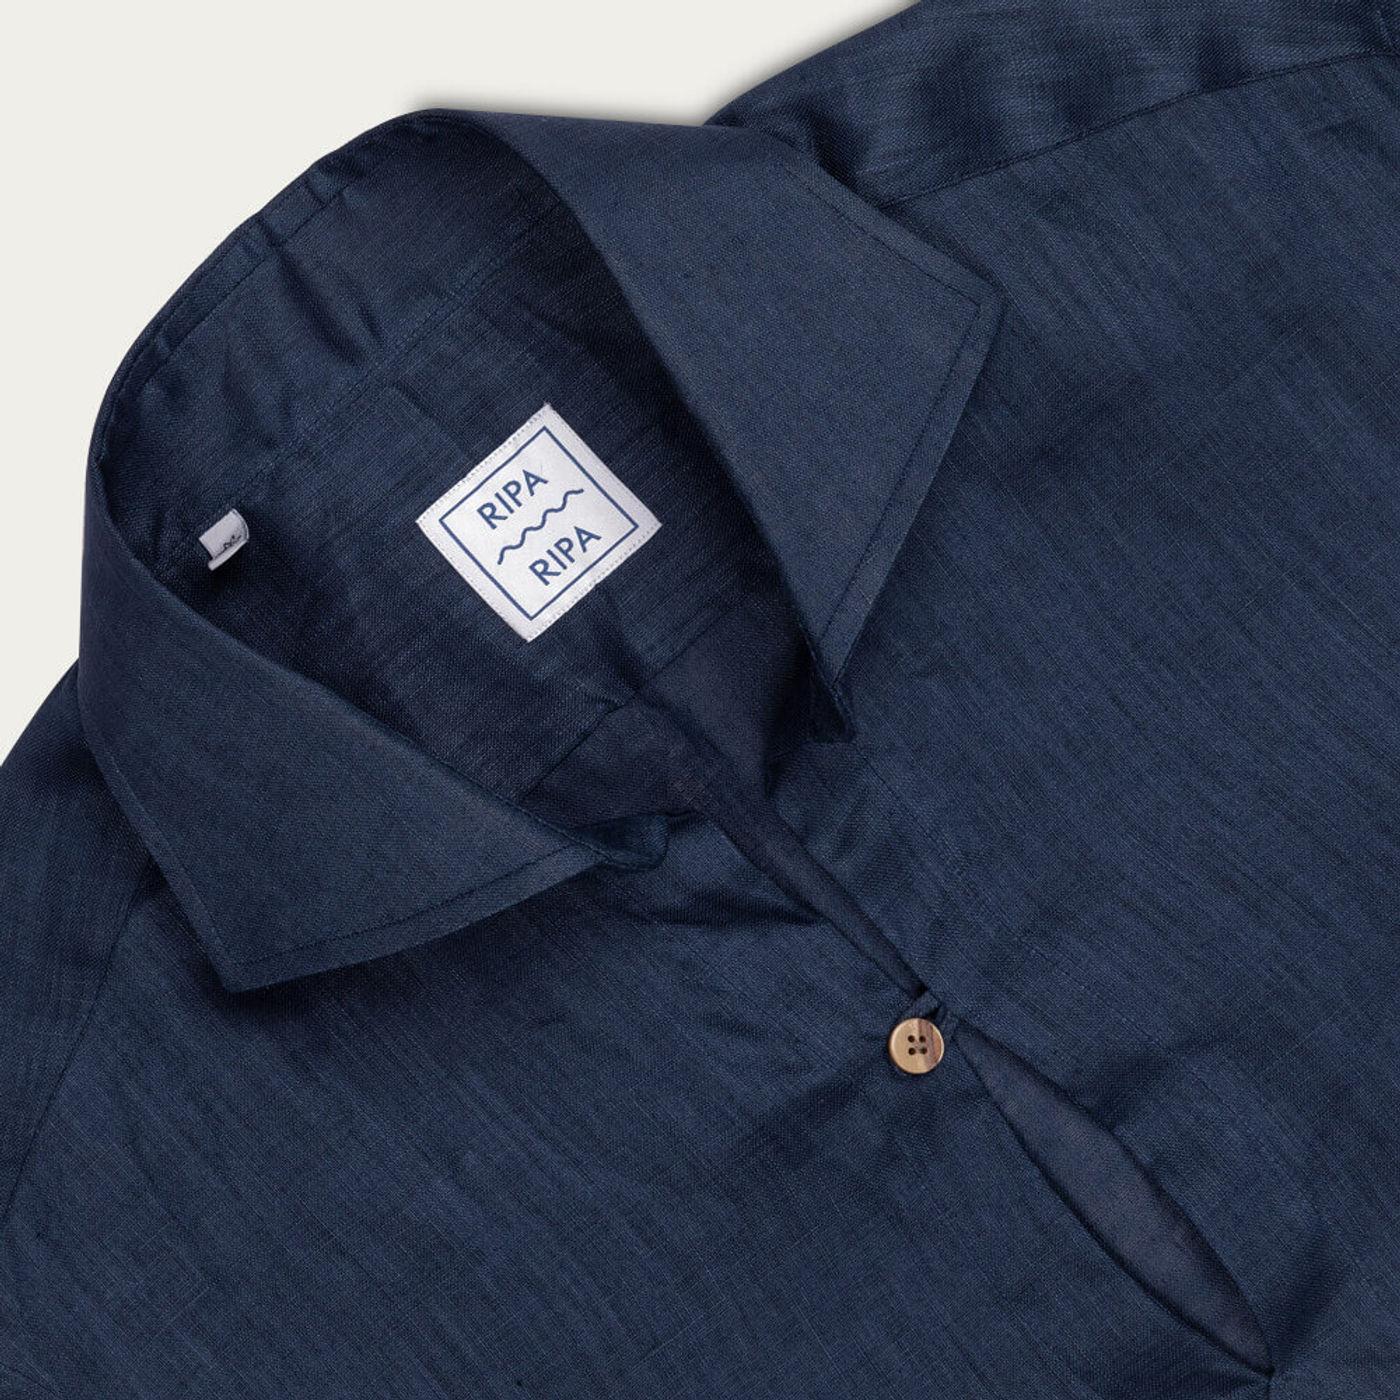 Camicia Capri Blu Notte Shirt   Bombinate